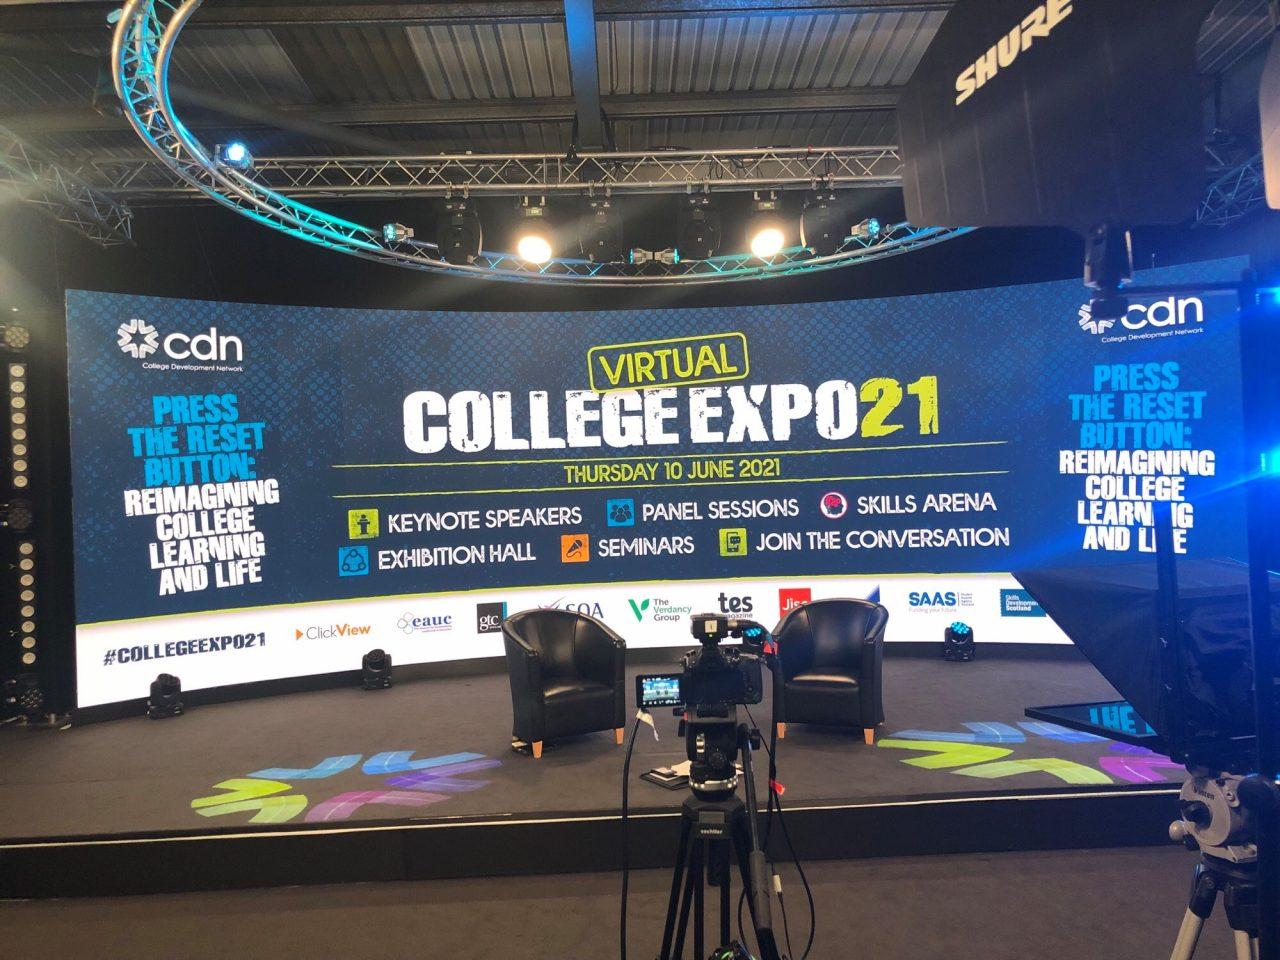 College Expo21